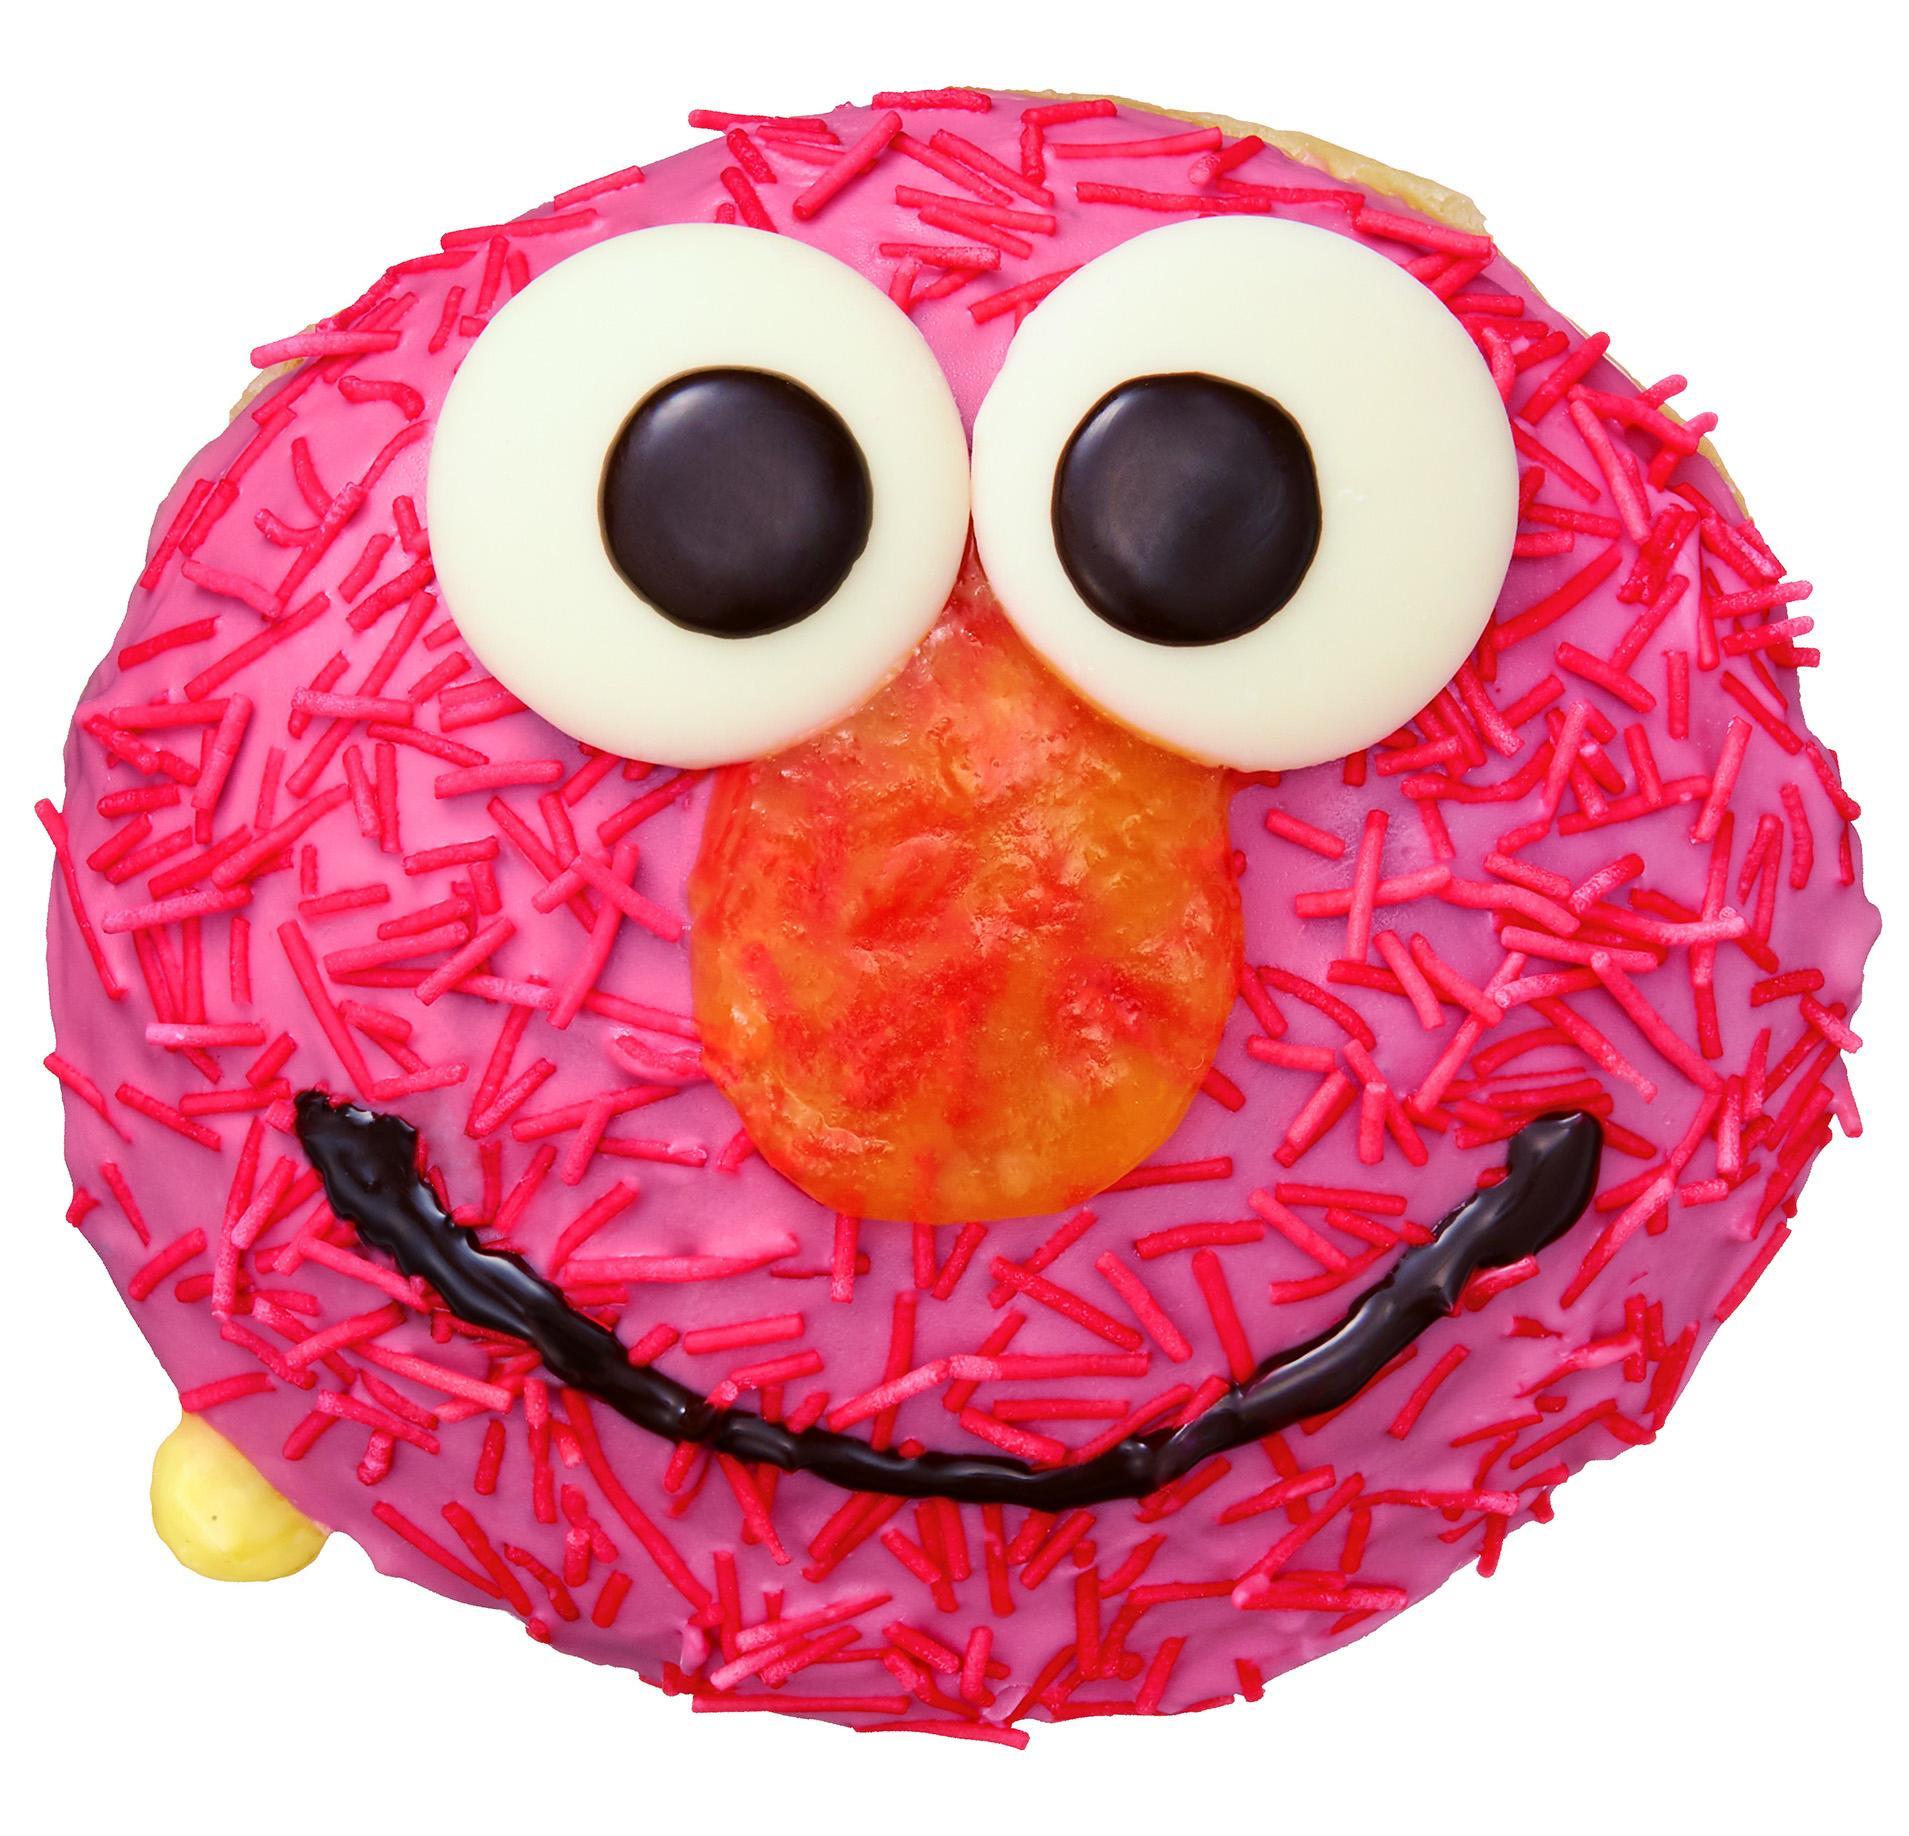 エルモやクッキーモンスターがドーナツに!!  『クリスピー・クリーム・ドーナツ』と『セサミストリート』の限定コラボ登場☆_2